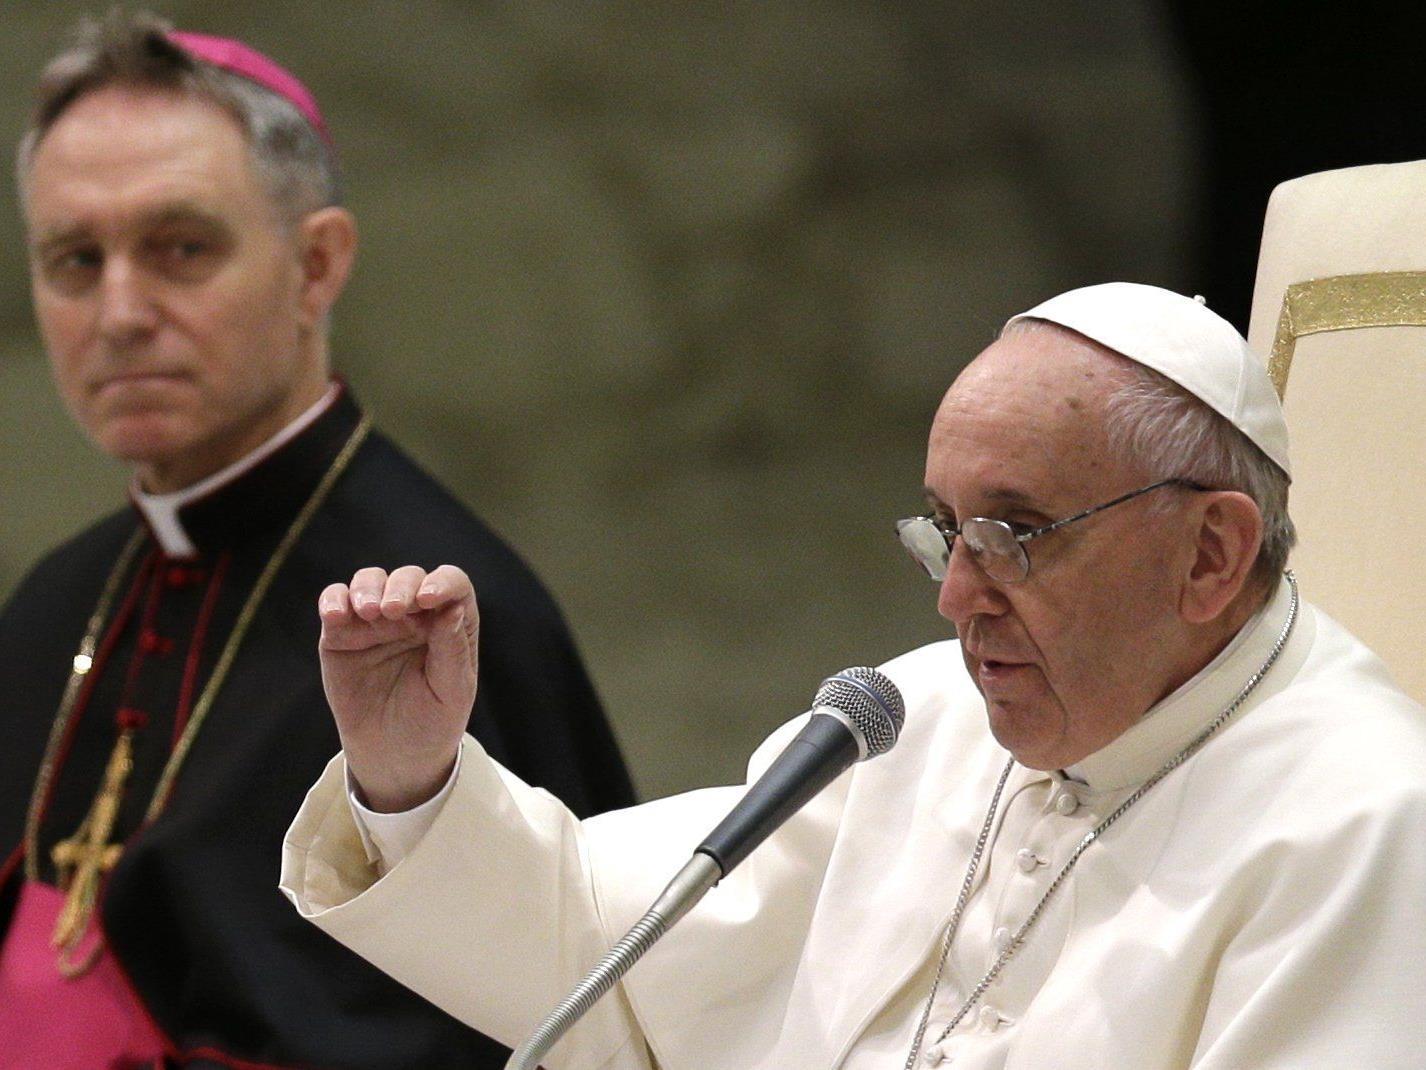 Papst-Sekretär Georg Gänswein tut sich schwer mit Amtswechsel.